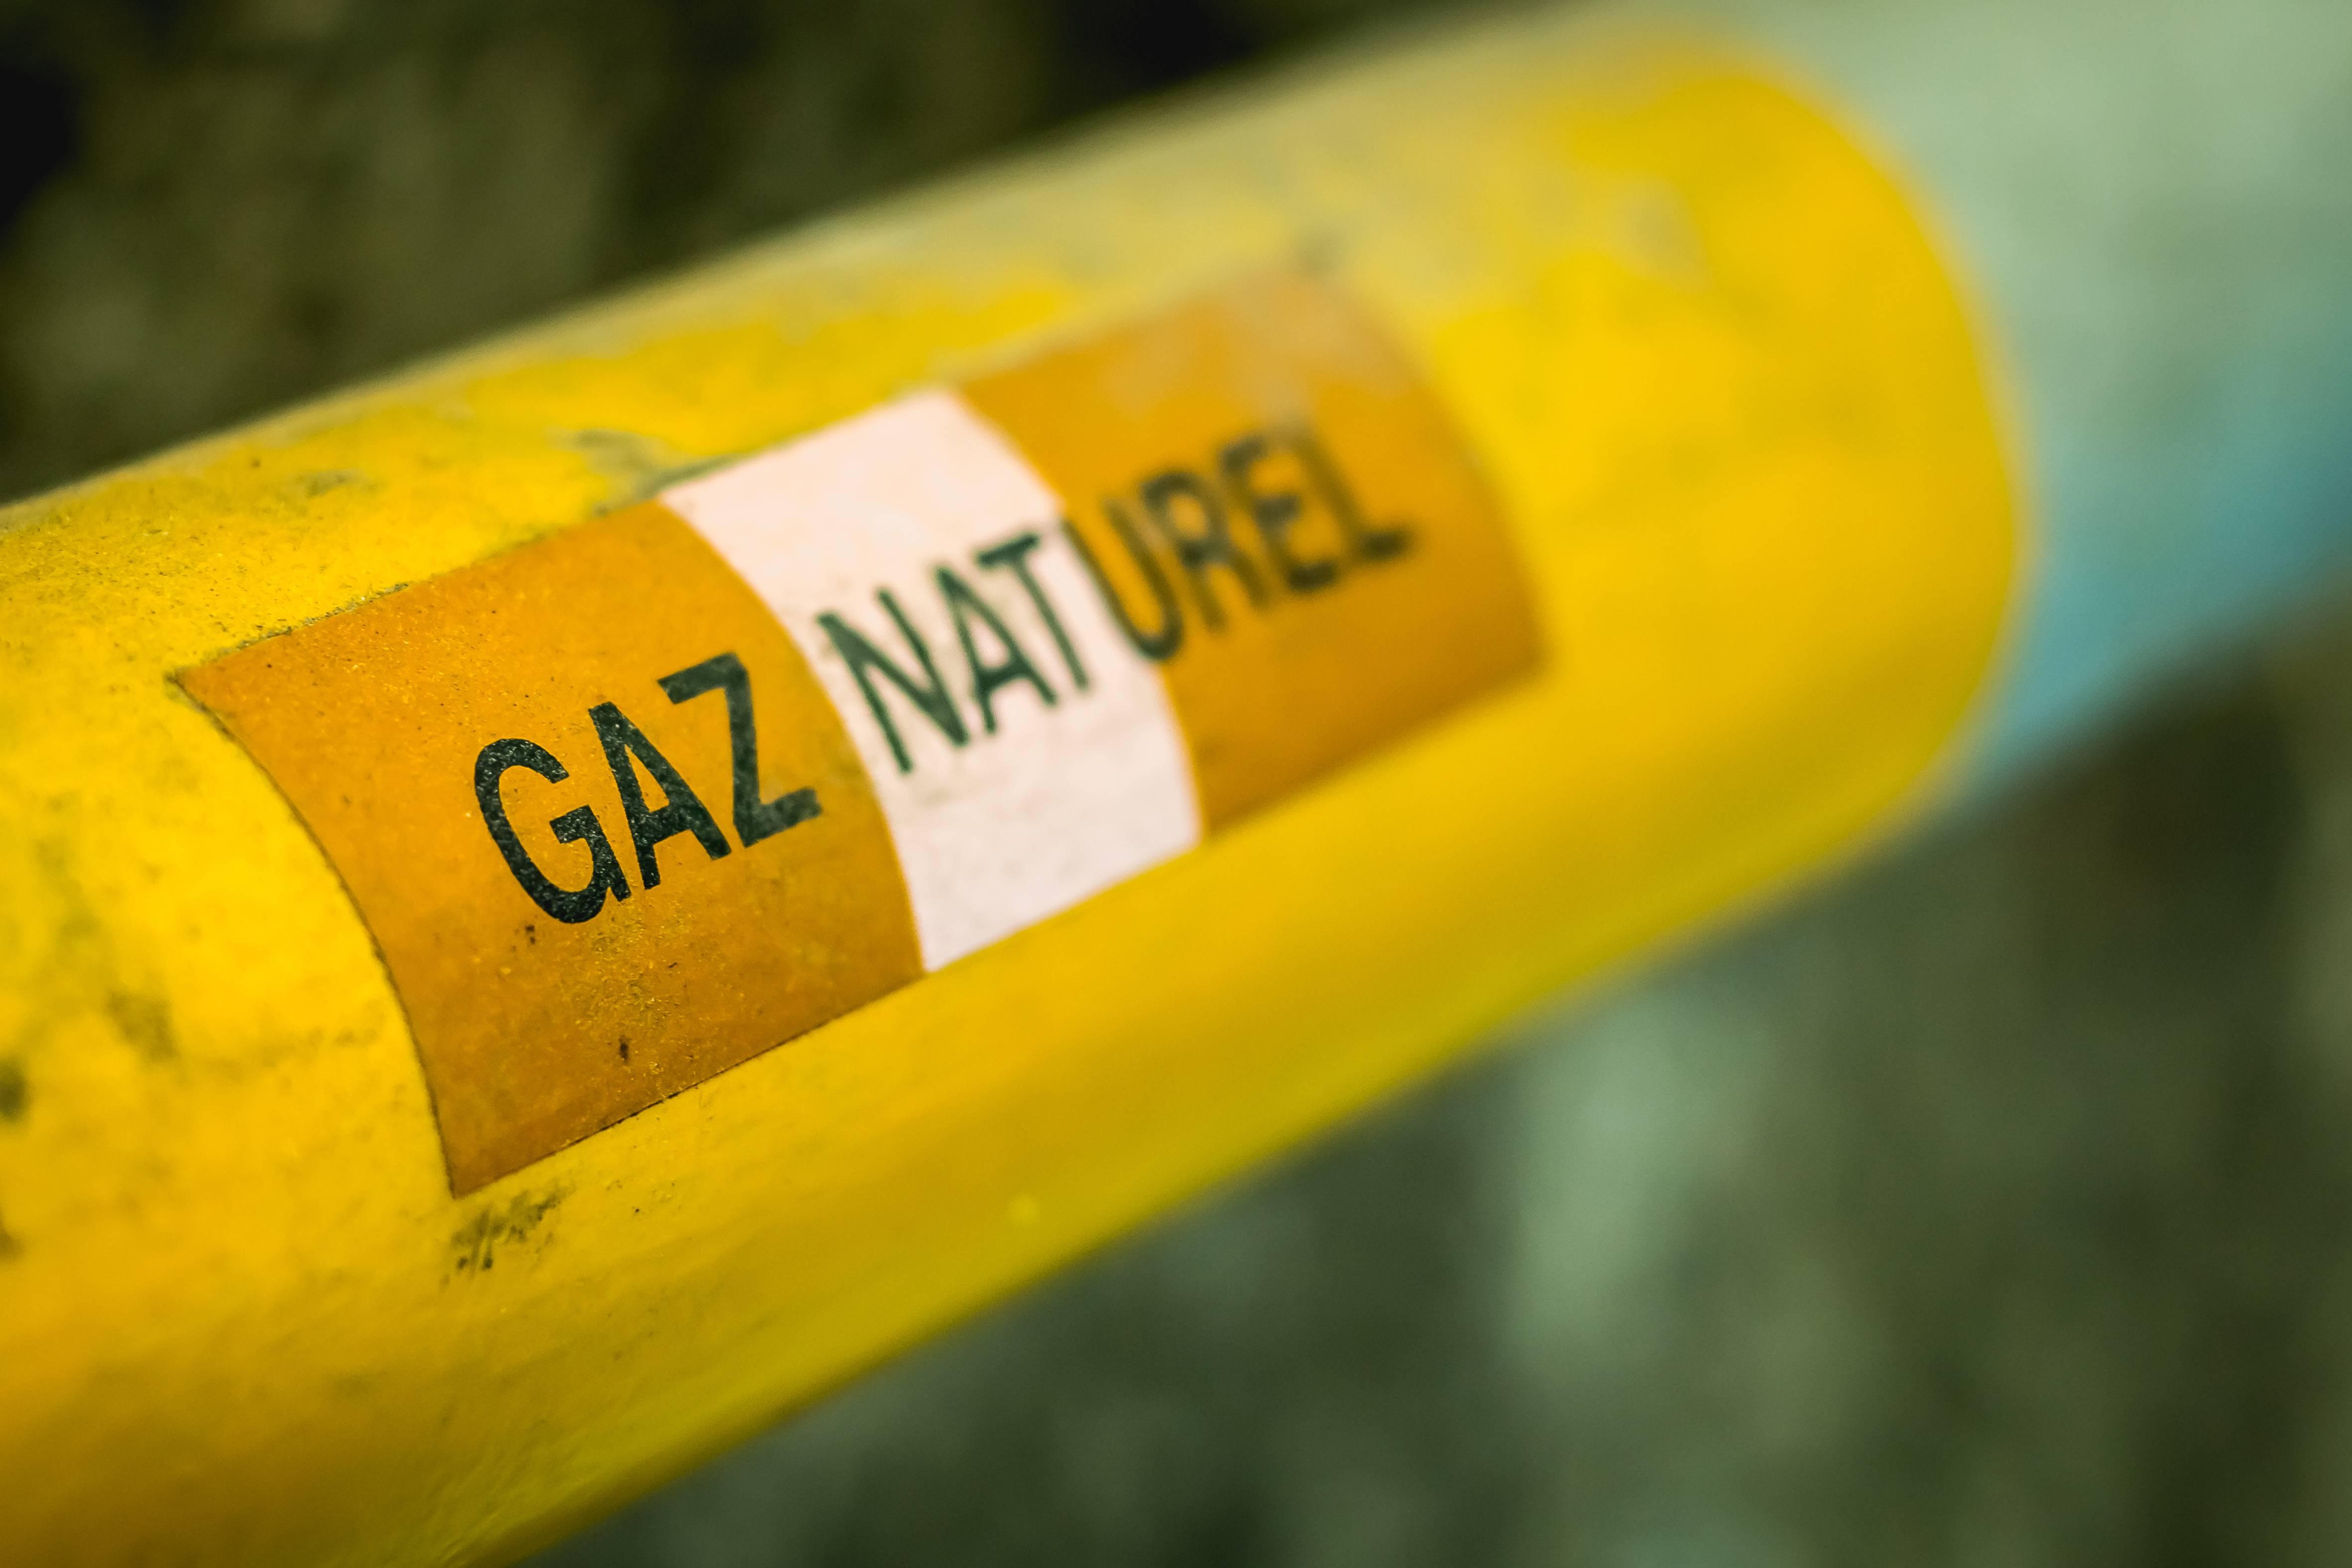 Certificat de conformité gaz modèle 1